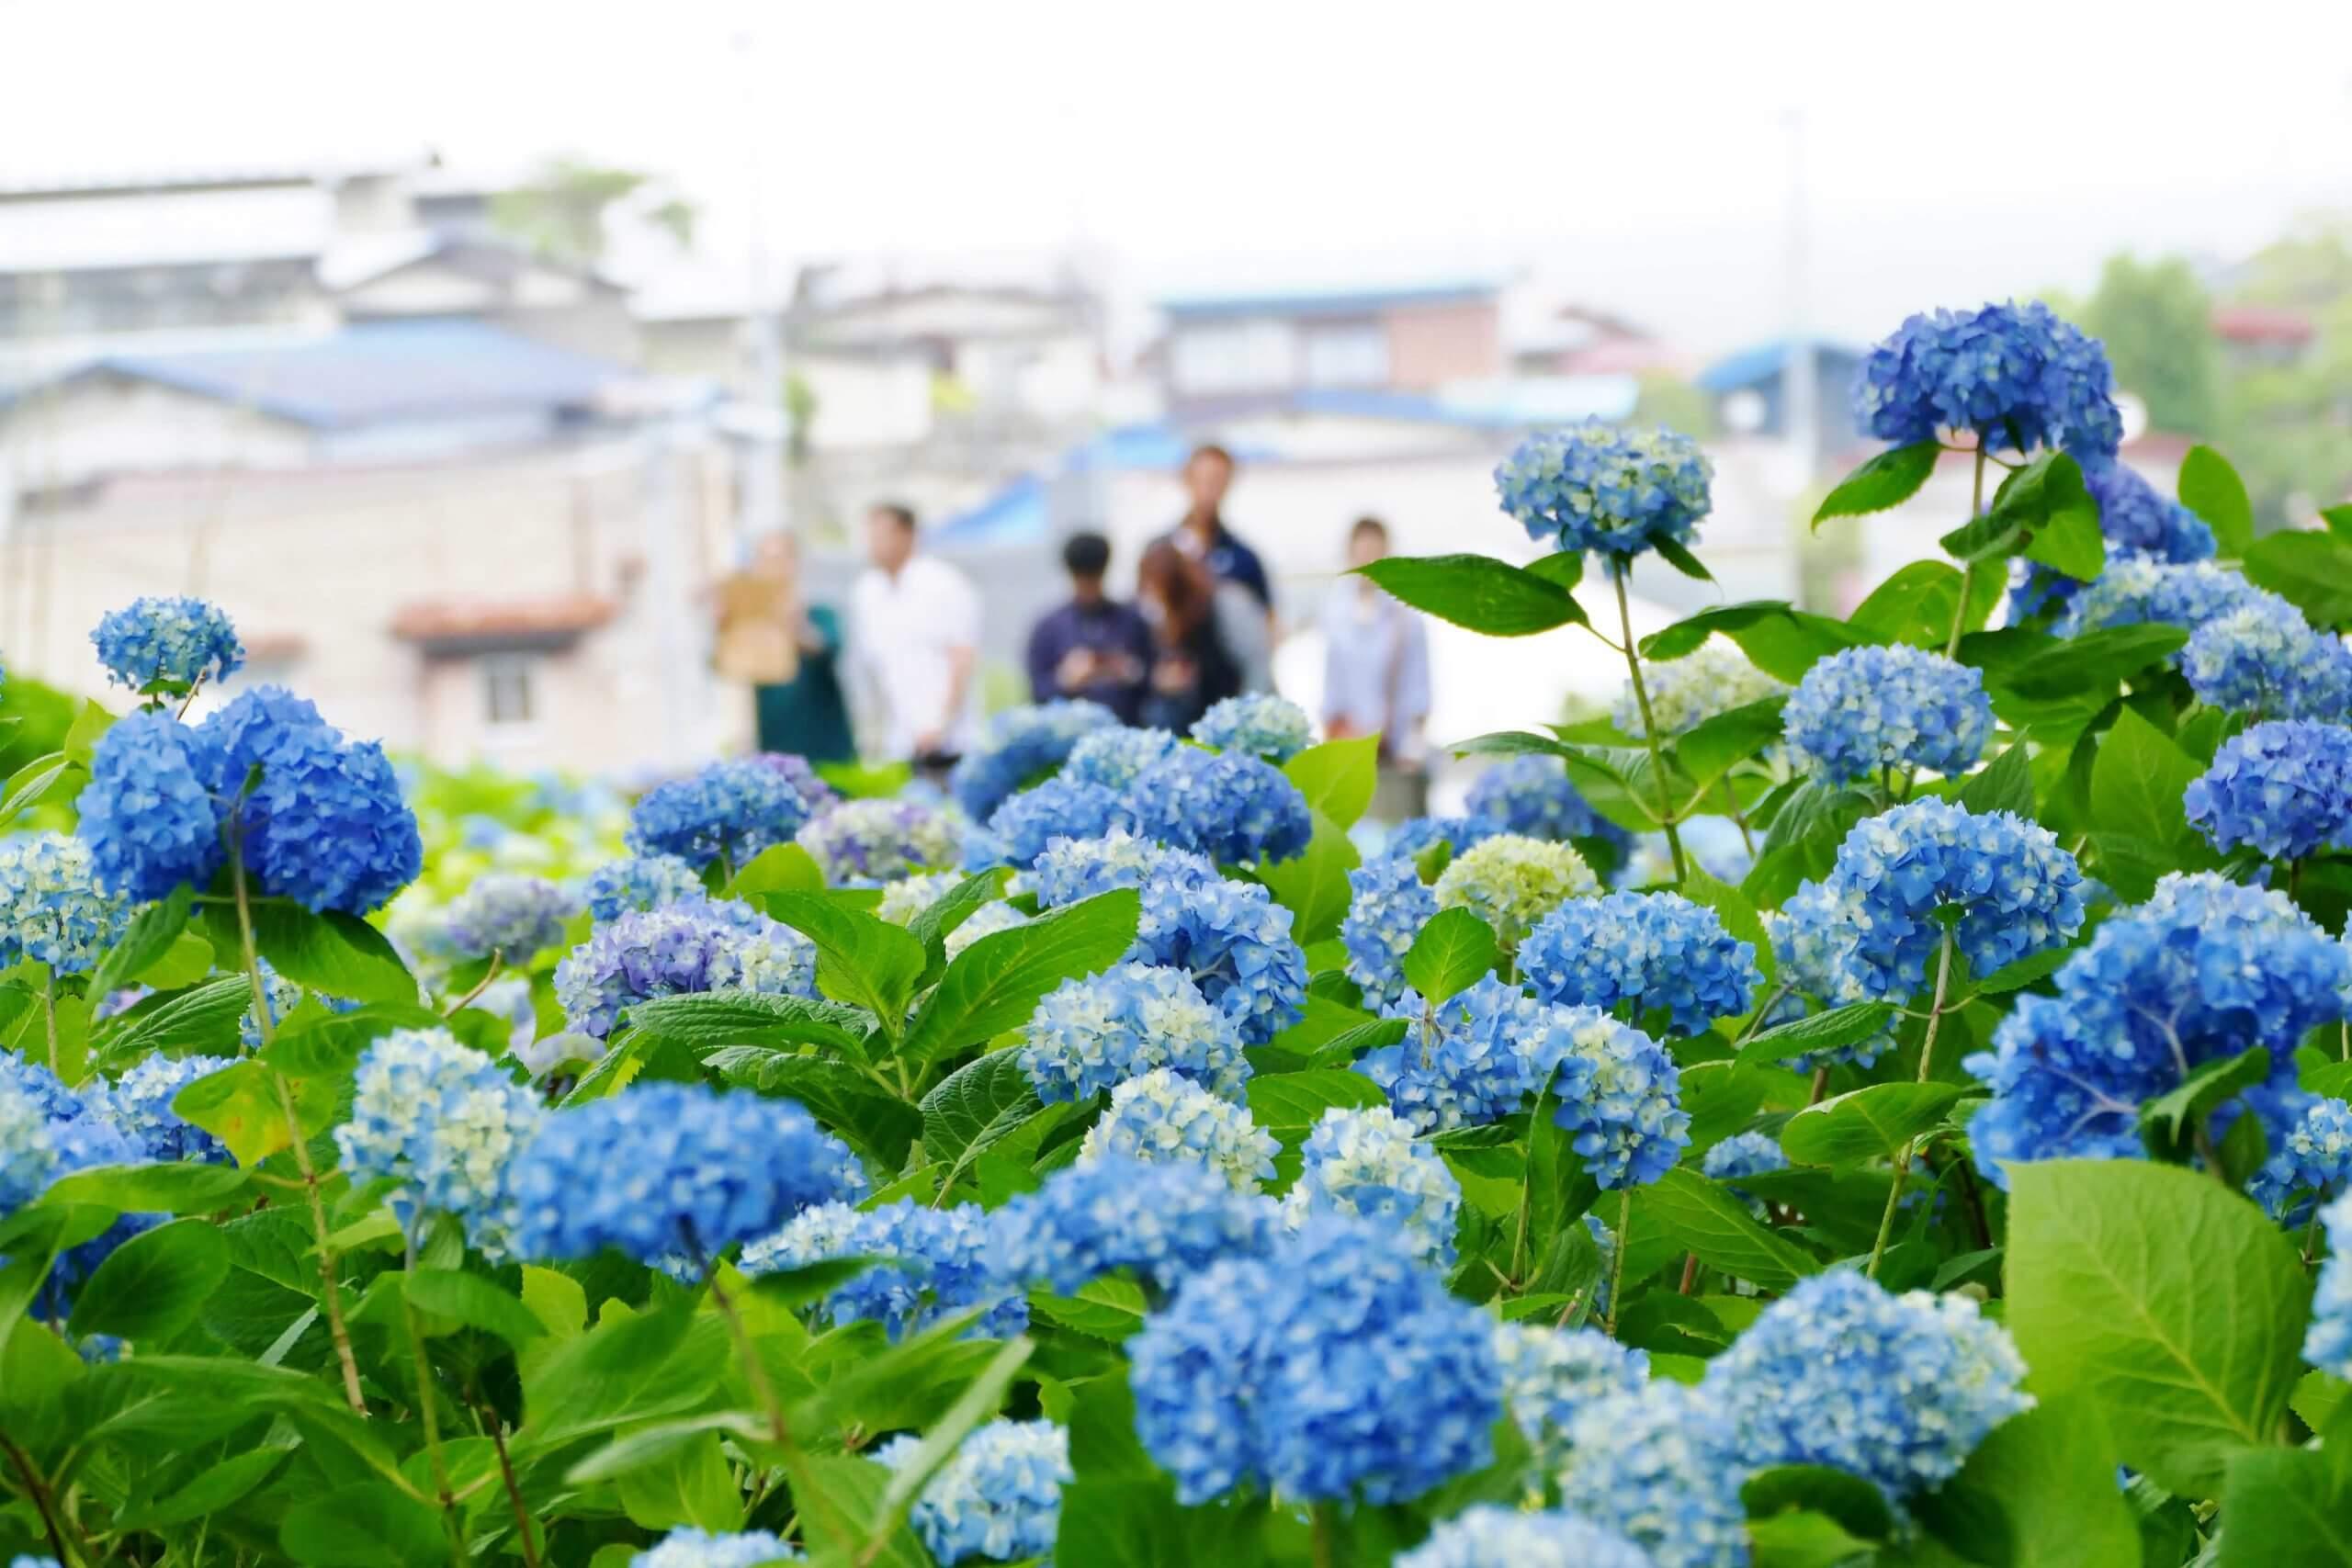 紫陽花の名所で撮影するときのポイント